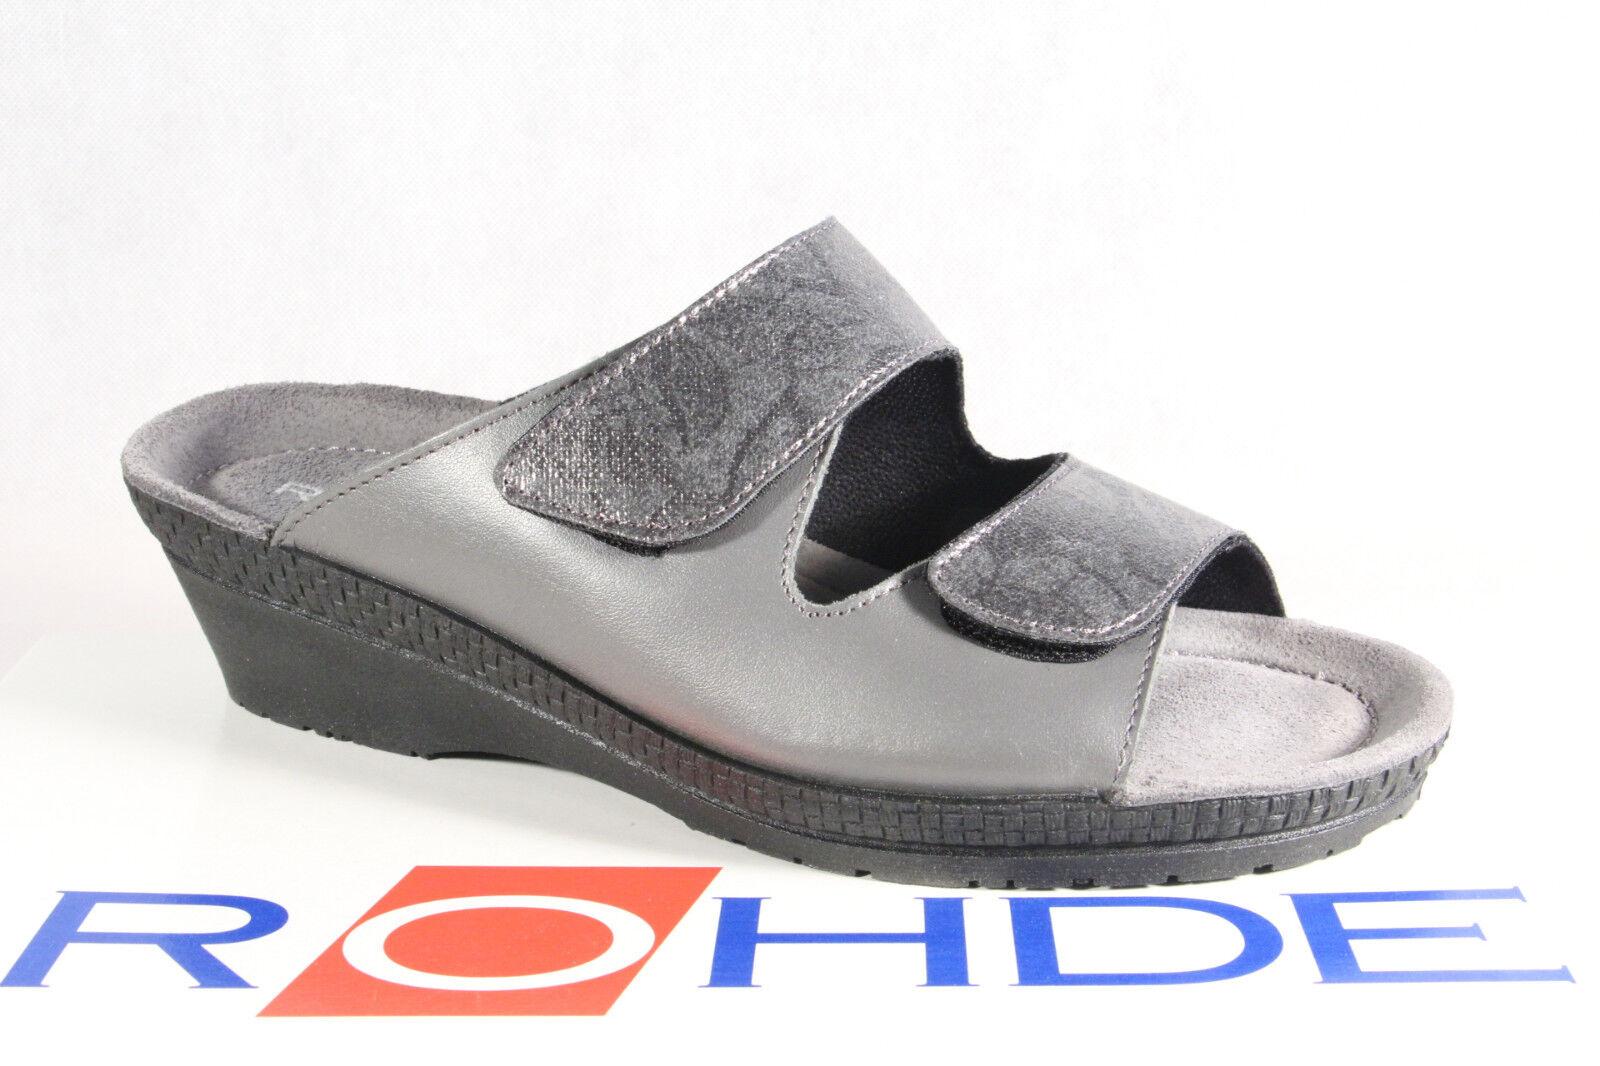 Rohde Ciabatte, Sandali Casa Scarpe Pantofole Grigio Ampiezza G 1466 pelle Nuovo   Prodotti Di Qualità    Uomini/Donna Scarpa